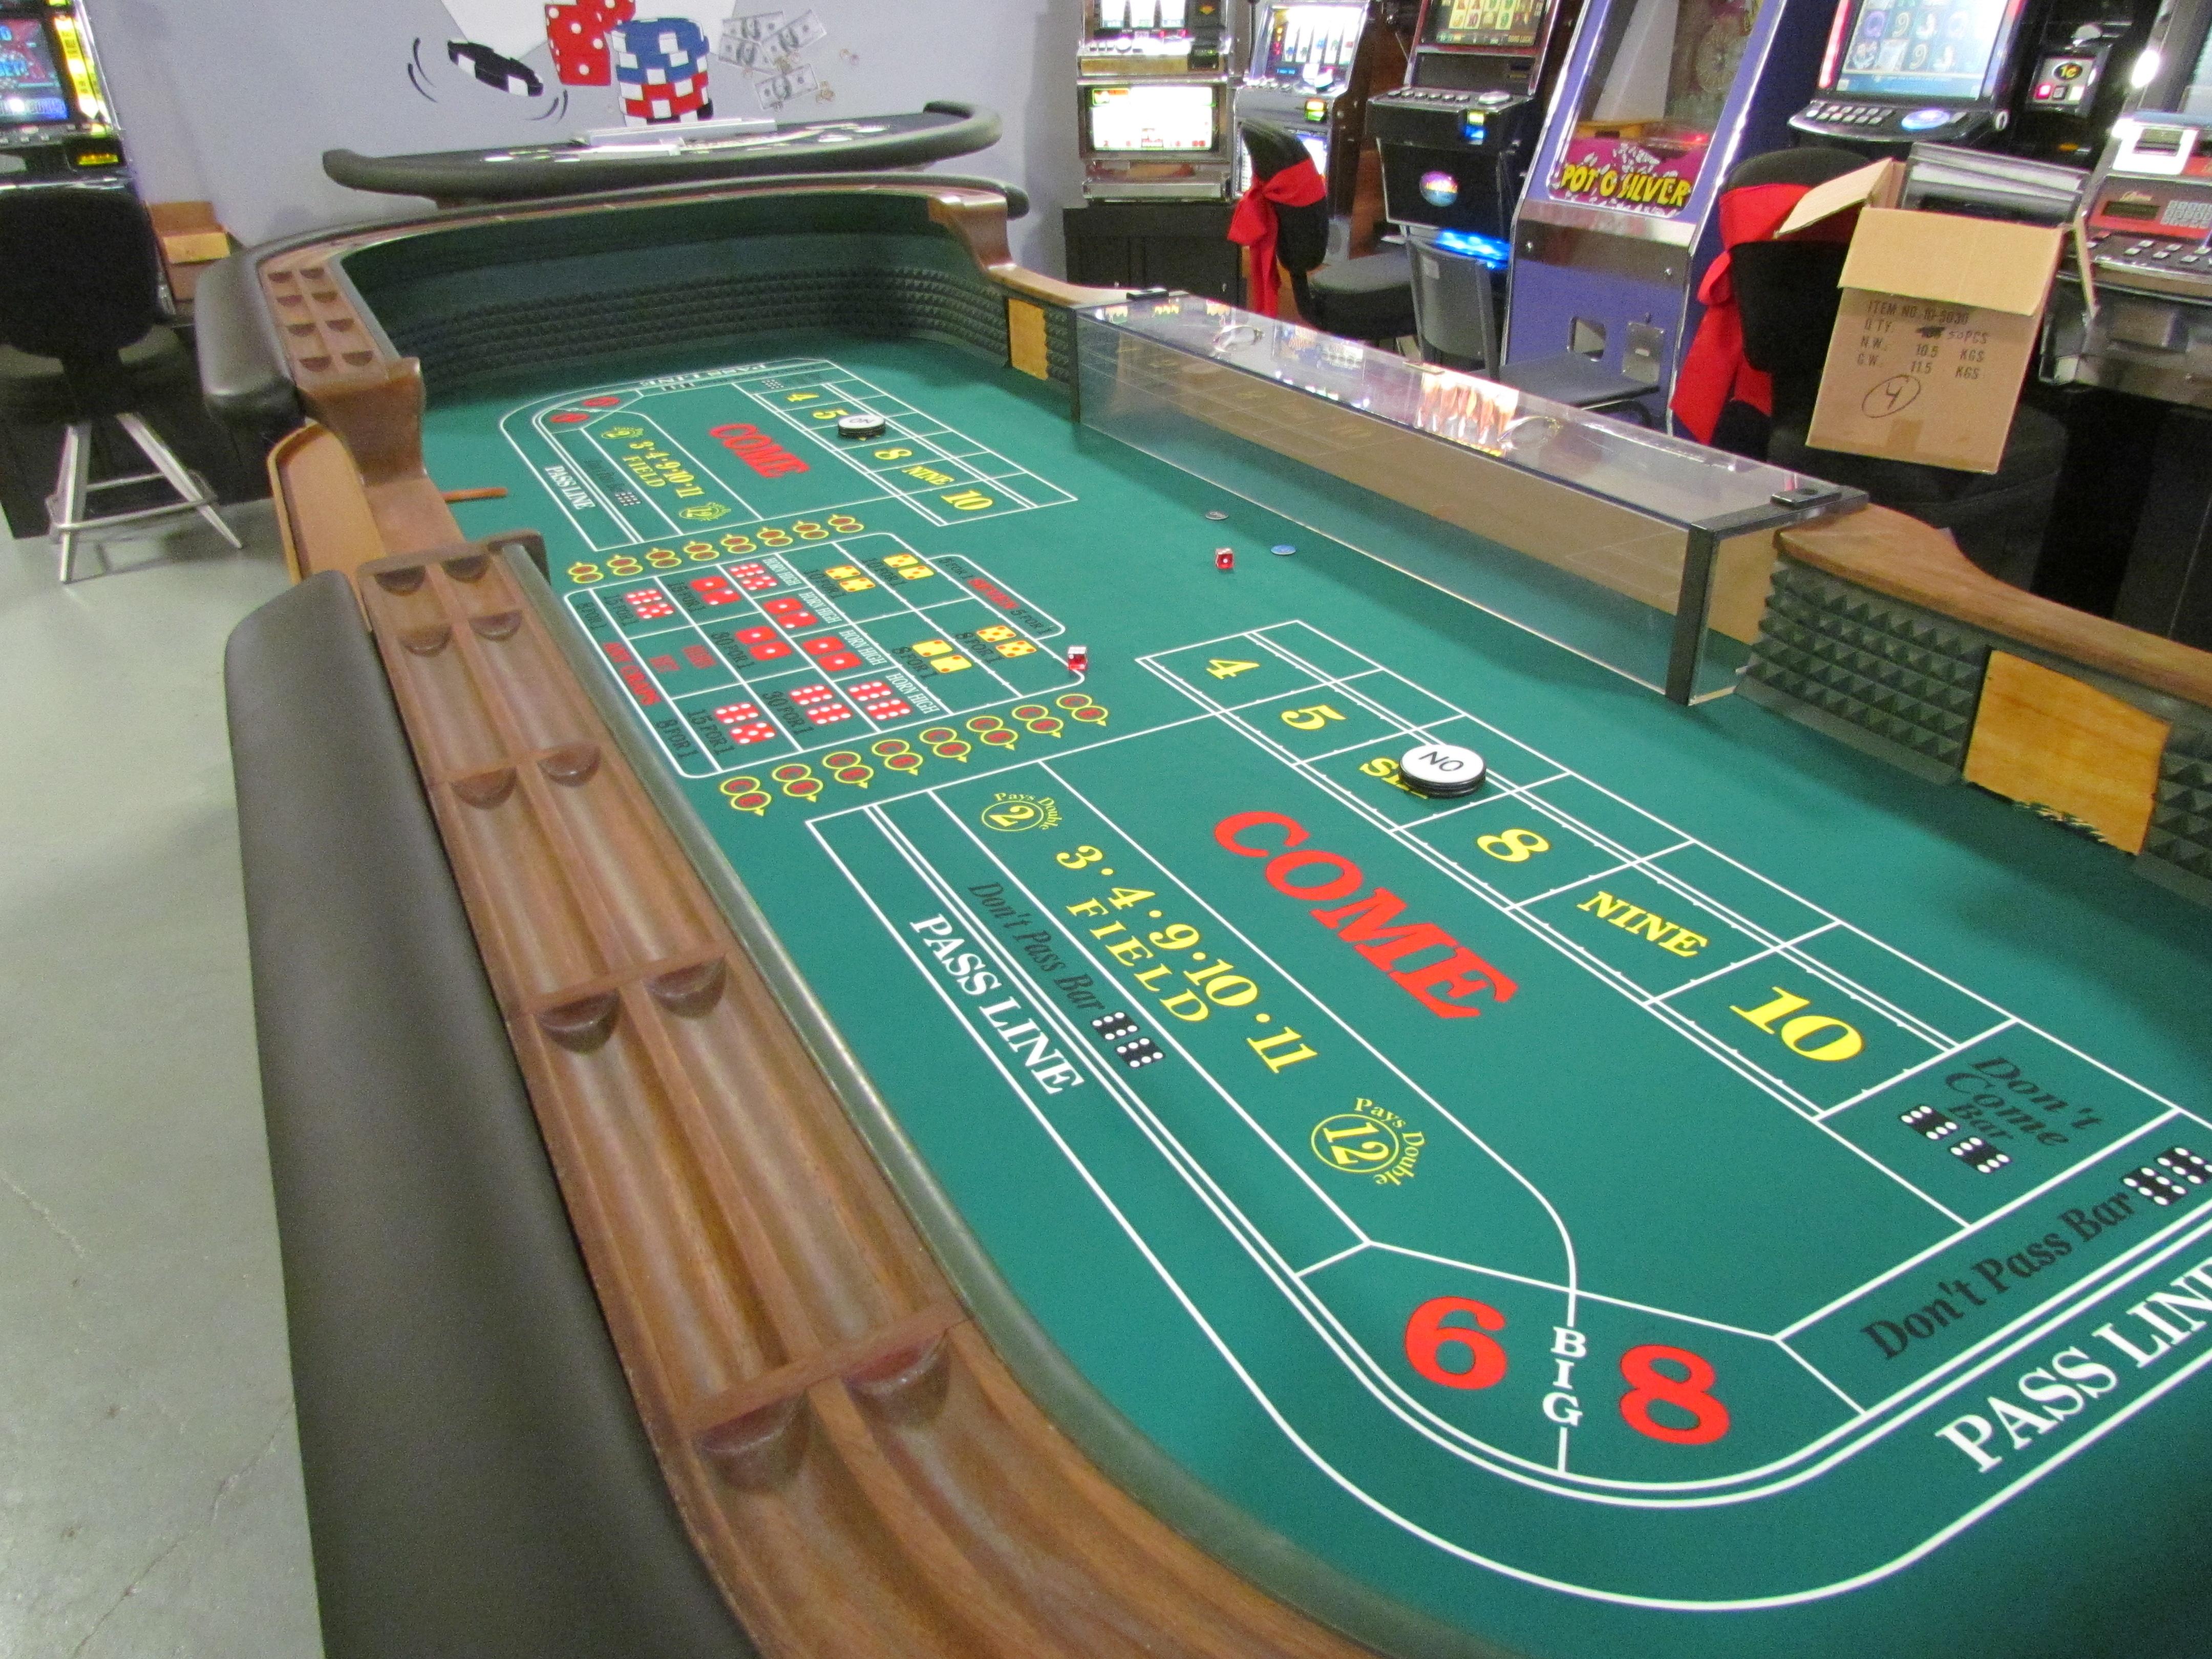 Craps Table Casino Game Rentals